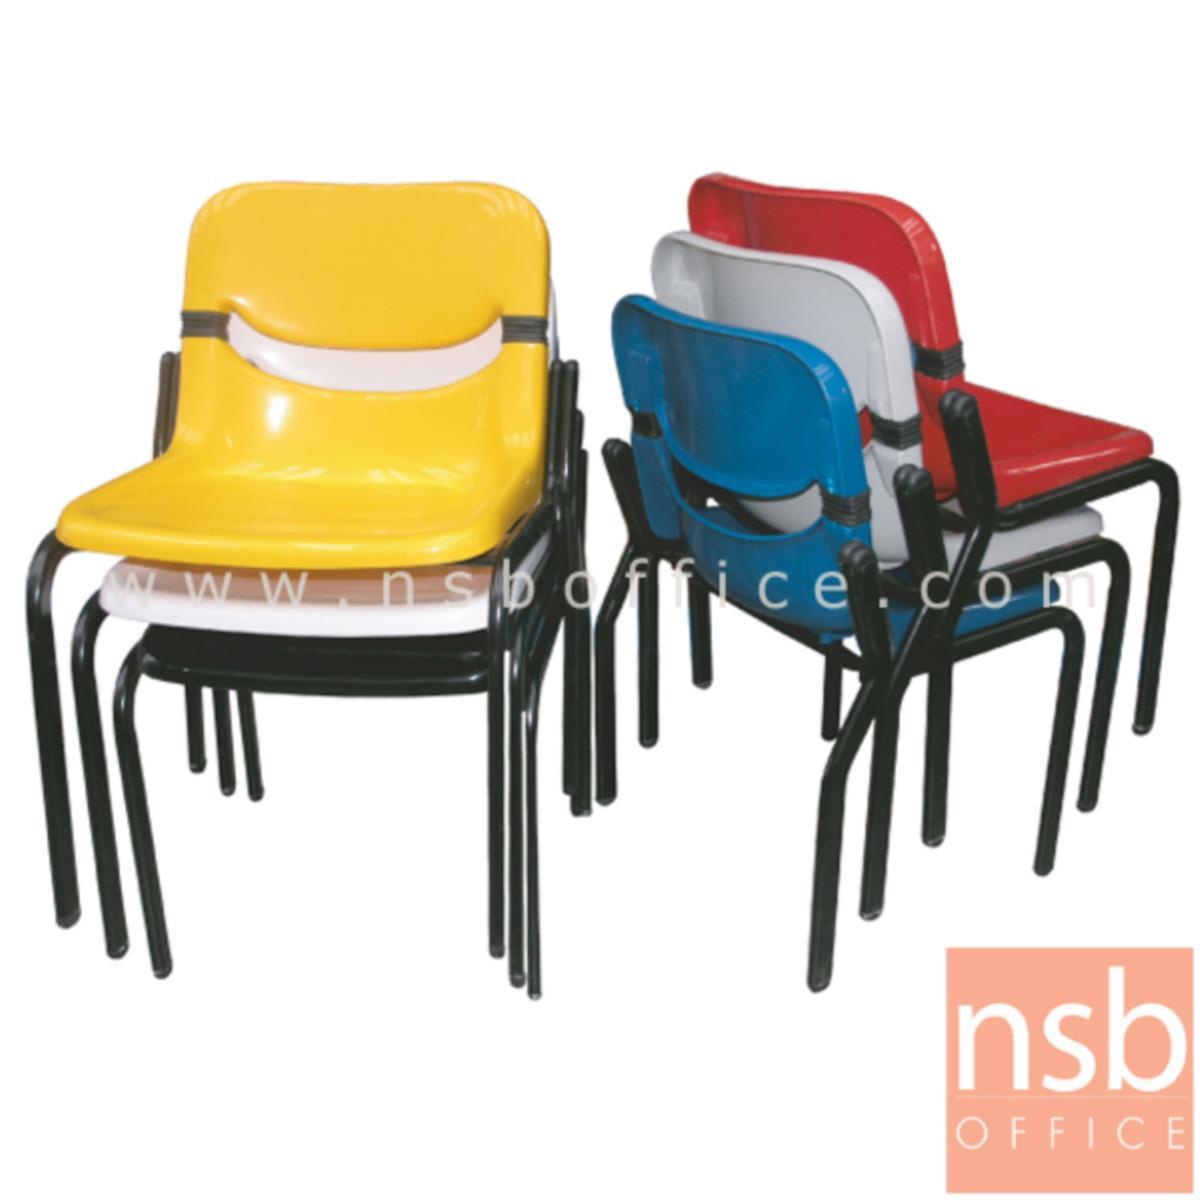 เก้าอี้อเนกประสงค์เฟรมโพลี่ รุ่น KT-XE   ขาเหล็กพ่นดำ